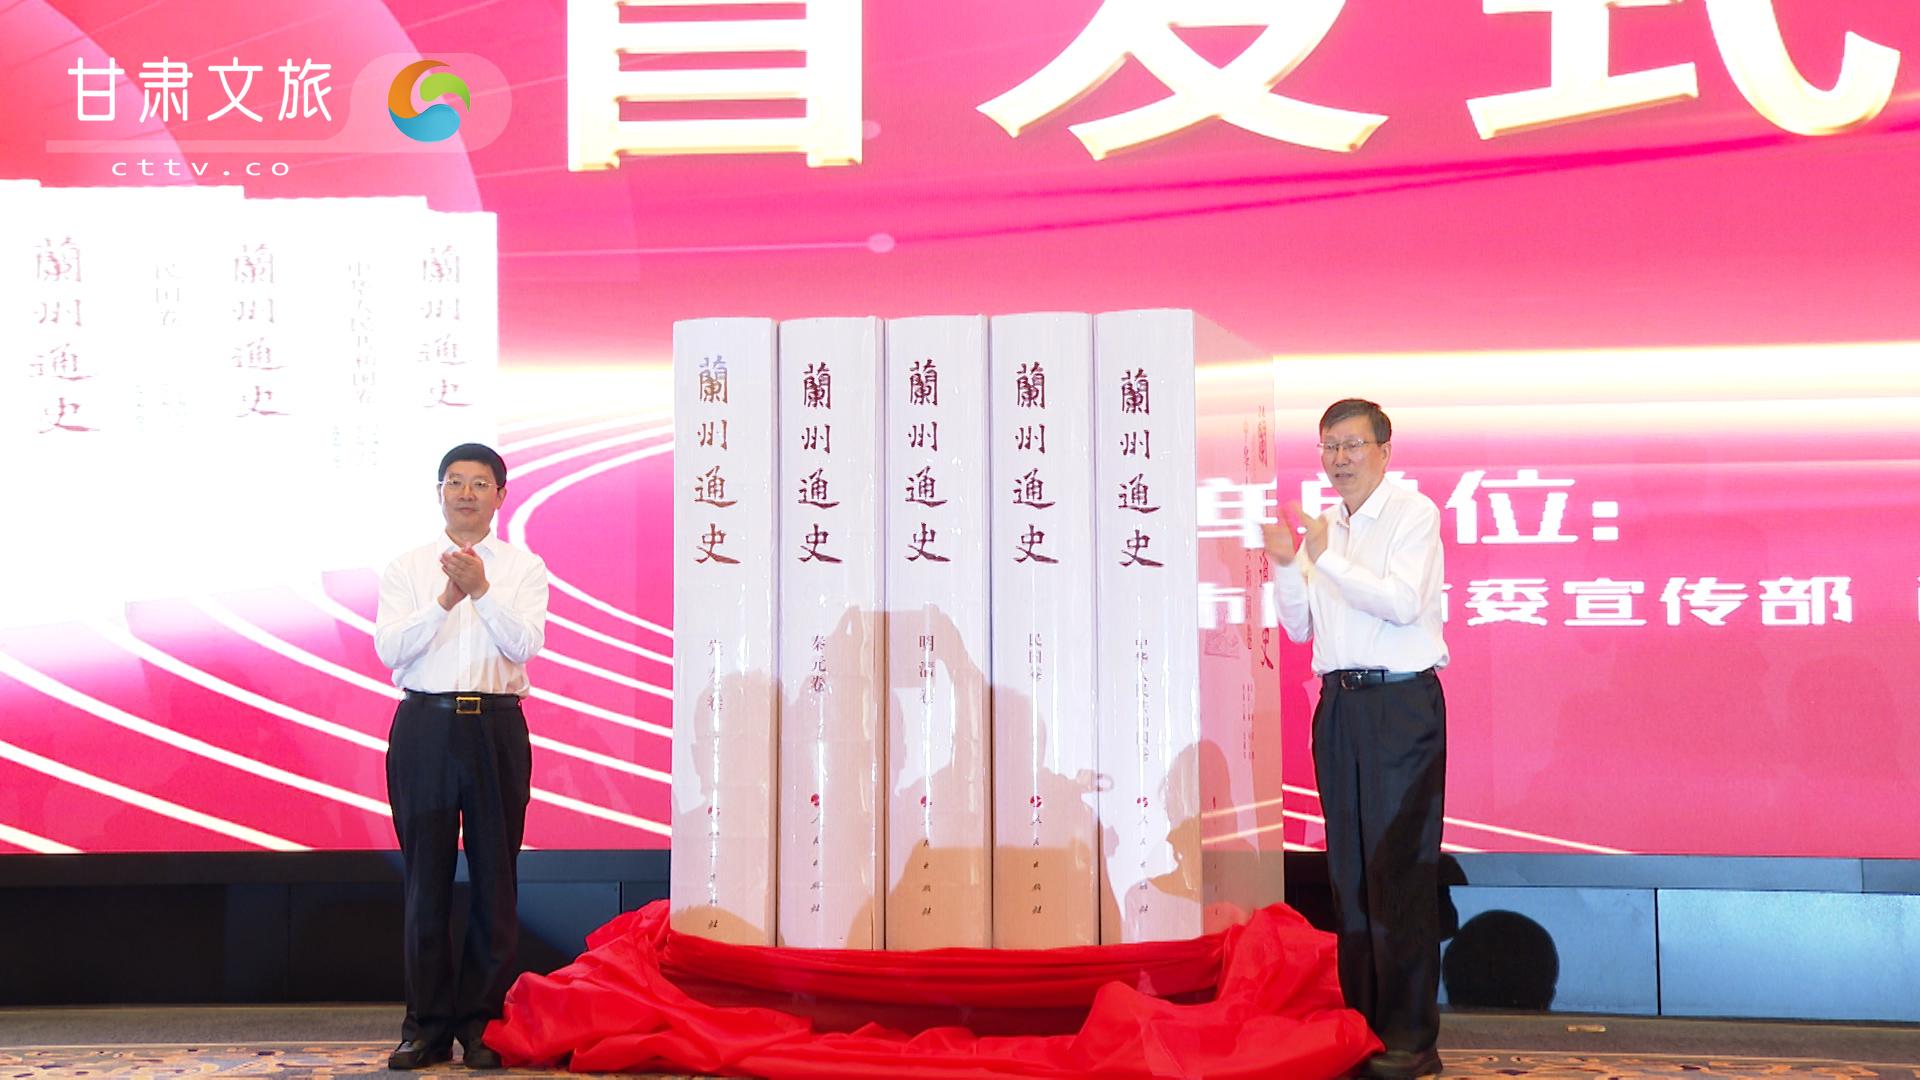 献礼中国共产党百年华诞  五卷本《兰州通史》举行首发仪式